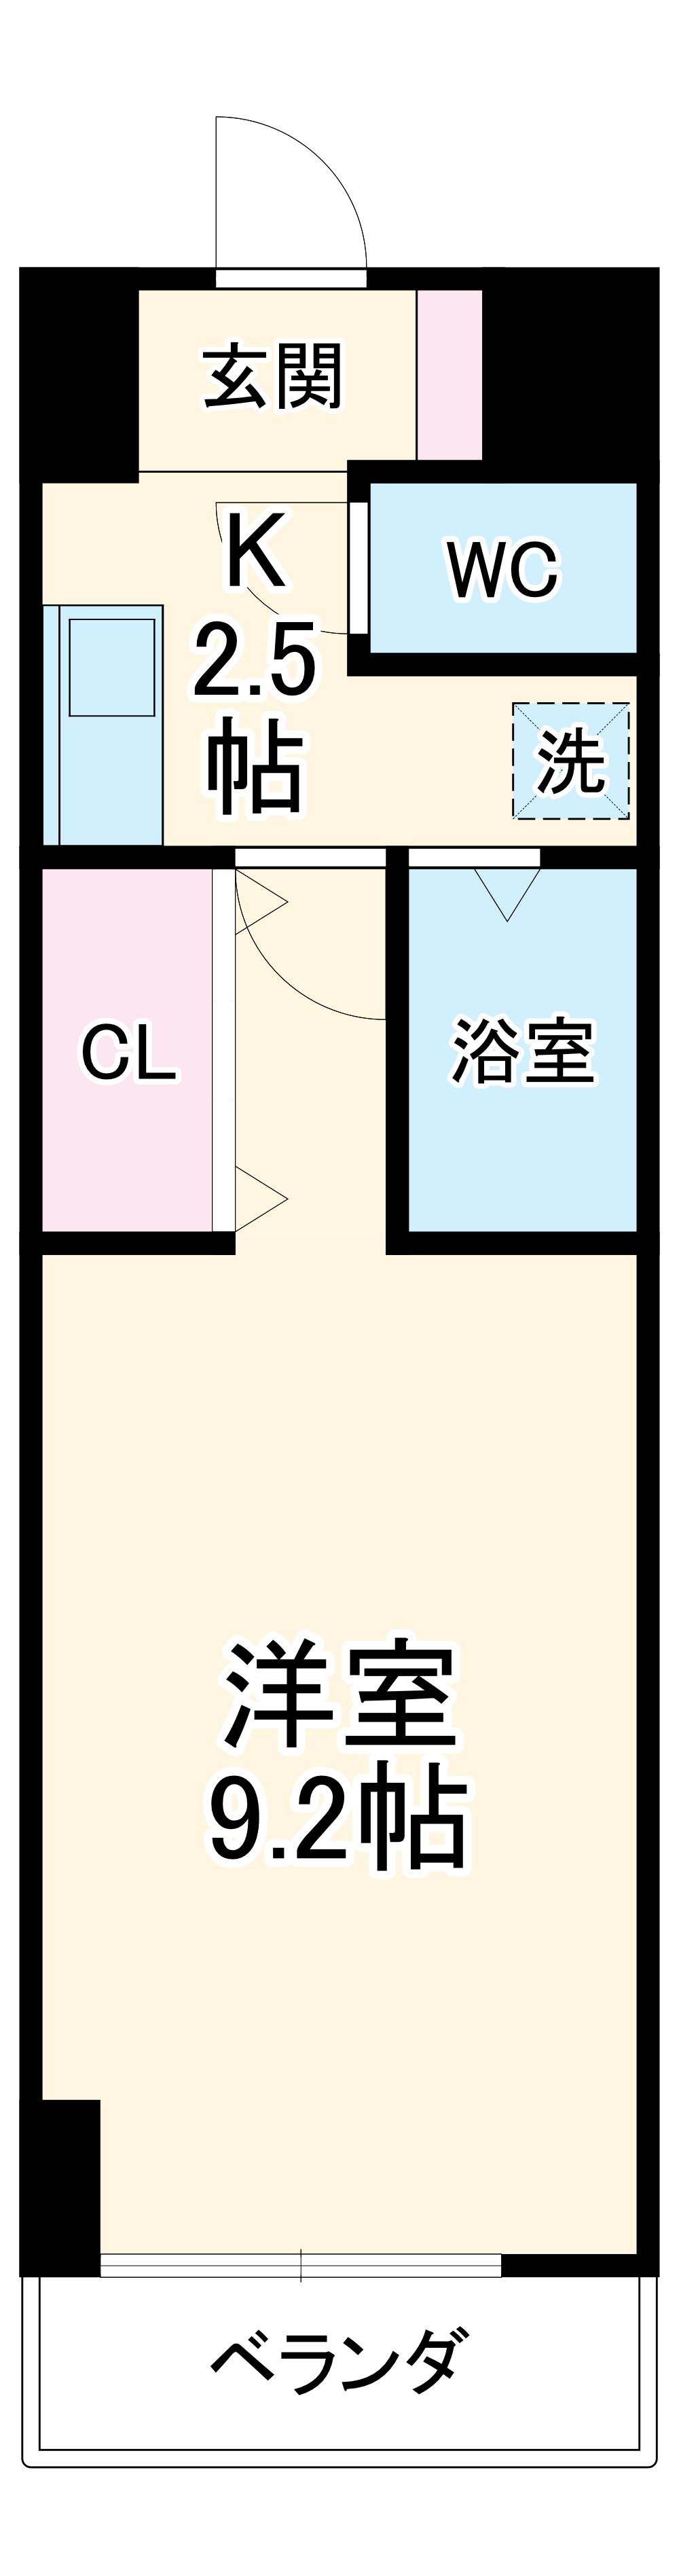 A・City三河安城東町 420号室の間取り